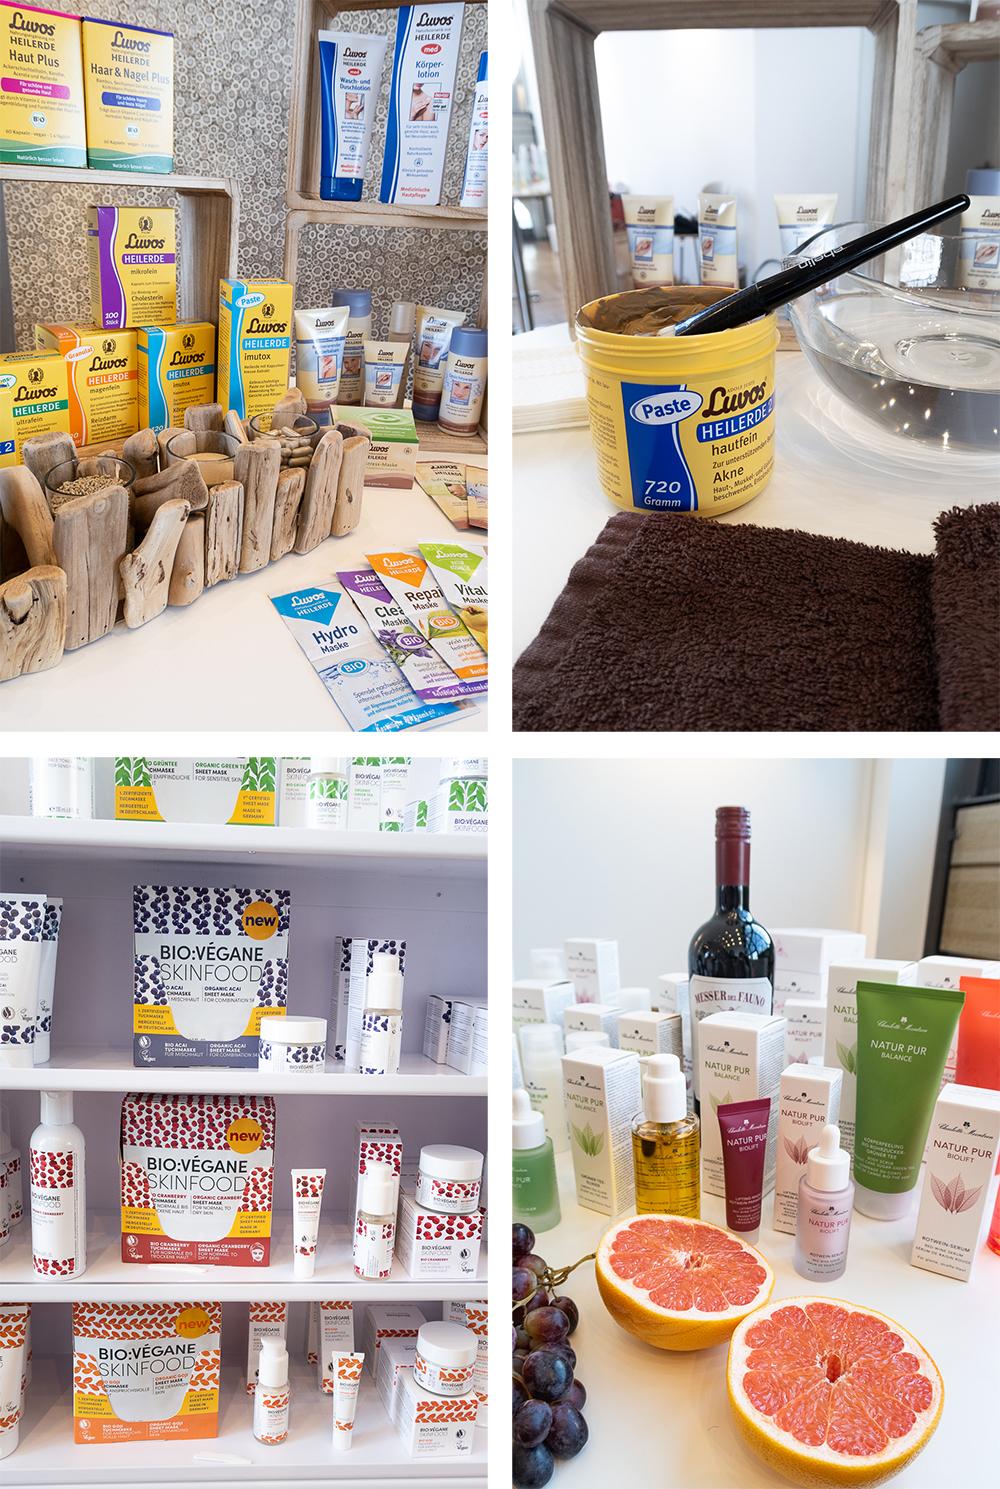 Naturkosmetik Neuheiten-Beautypress Bloggerevent Green Cosmetics-Köln Flora-Botanischer Garten-Beautyblog-andysparkles